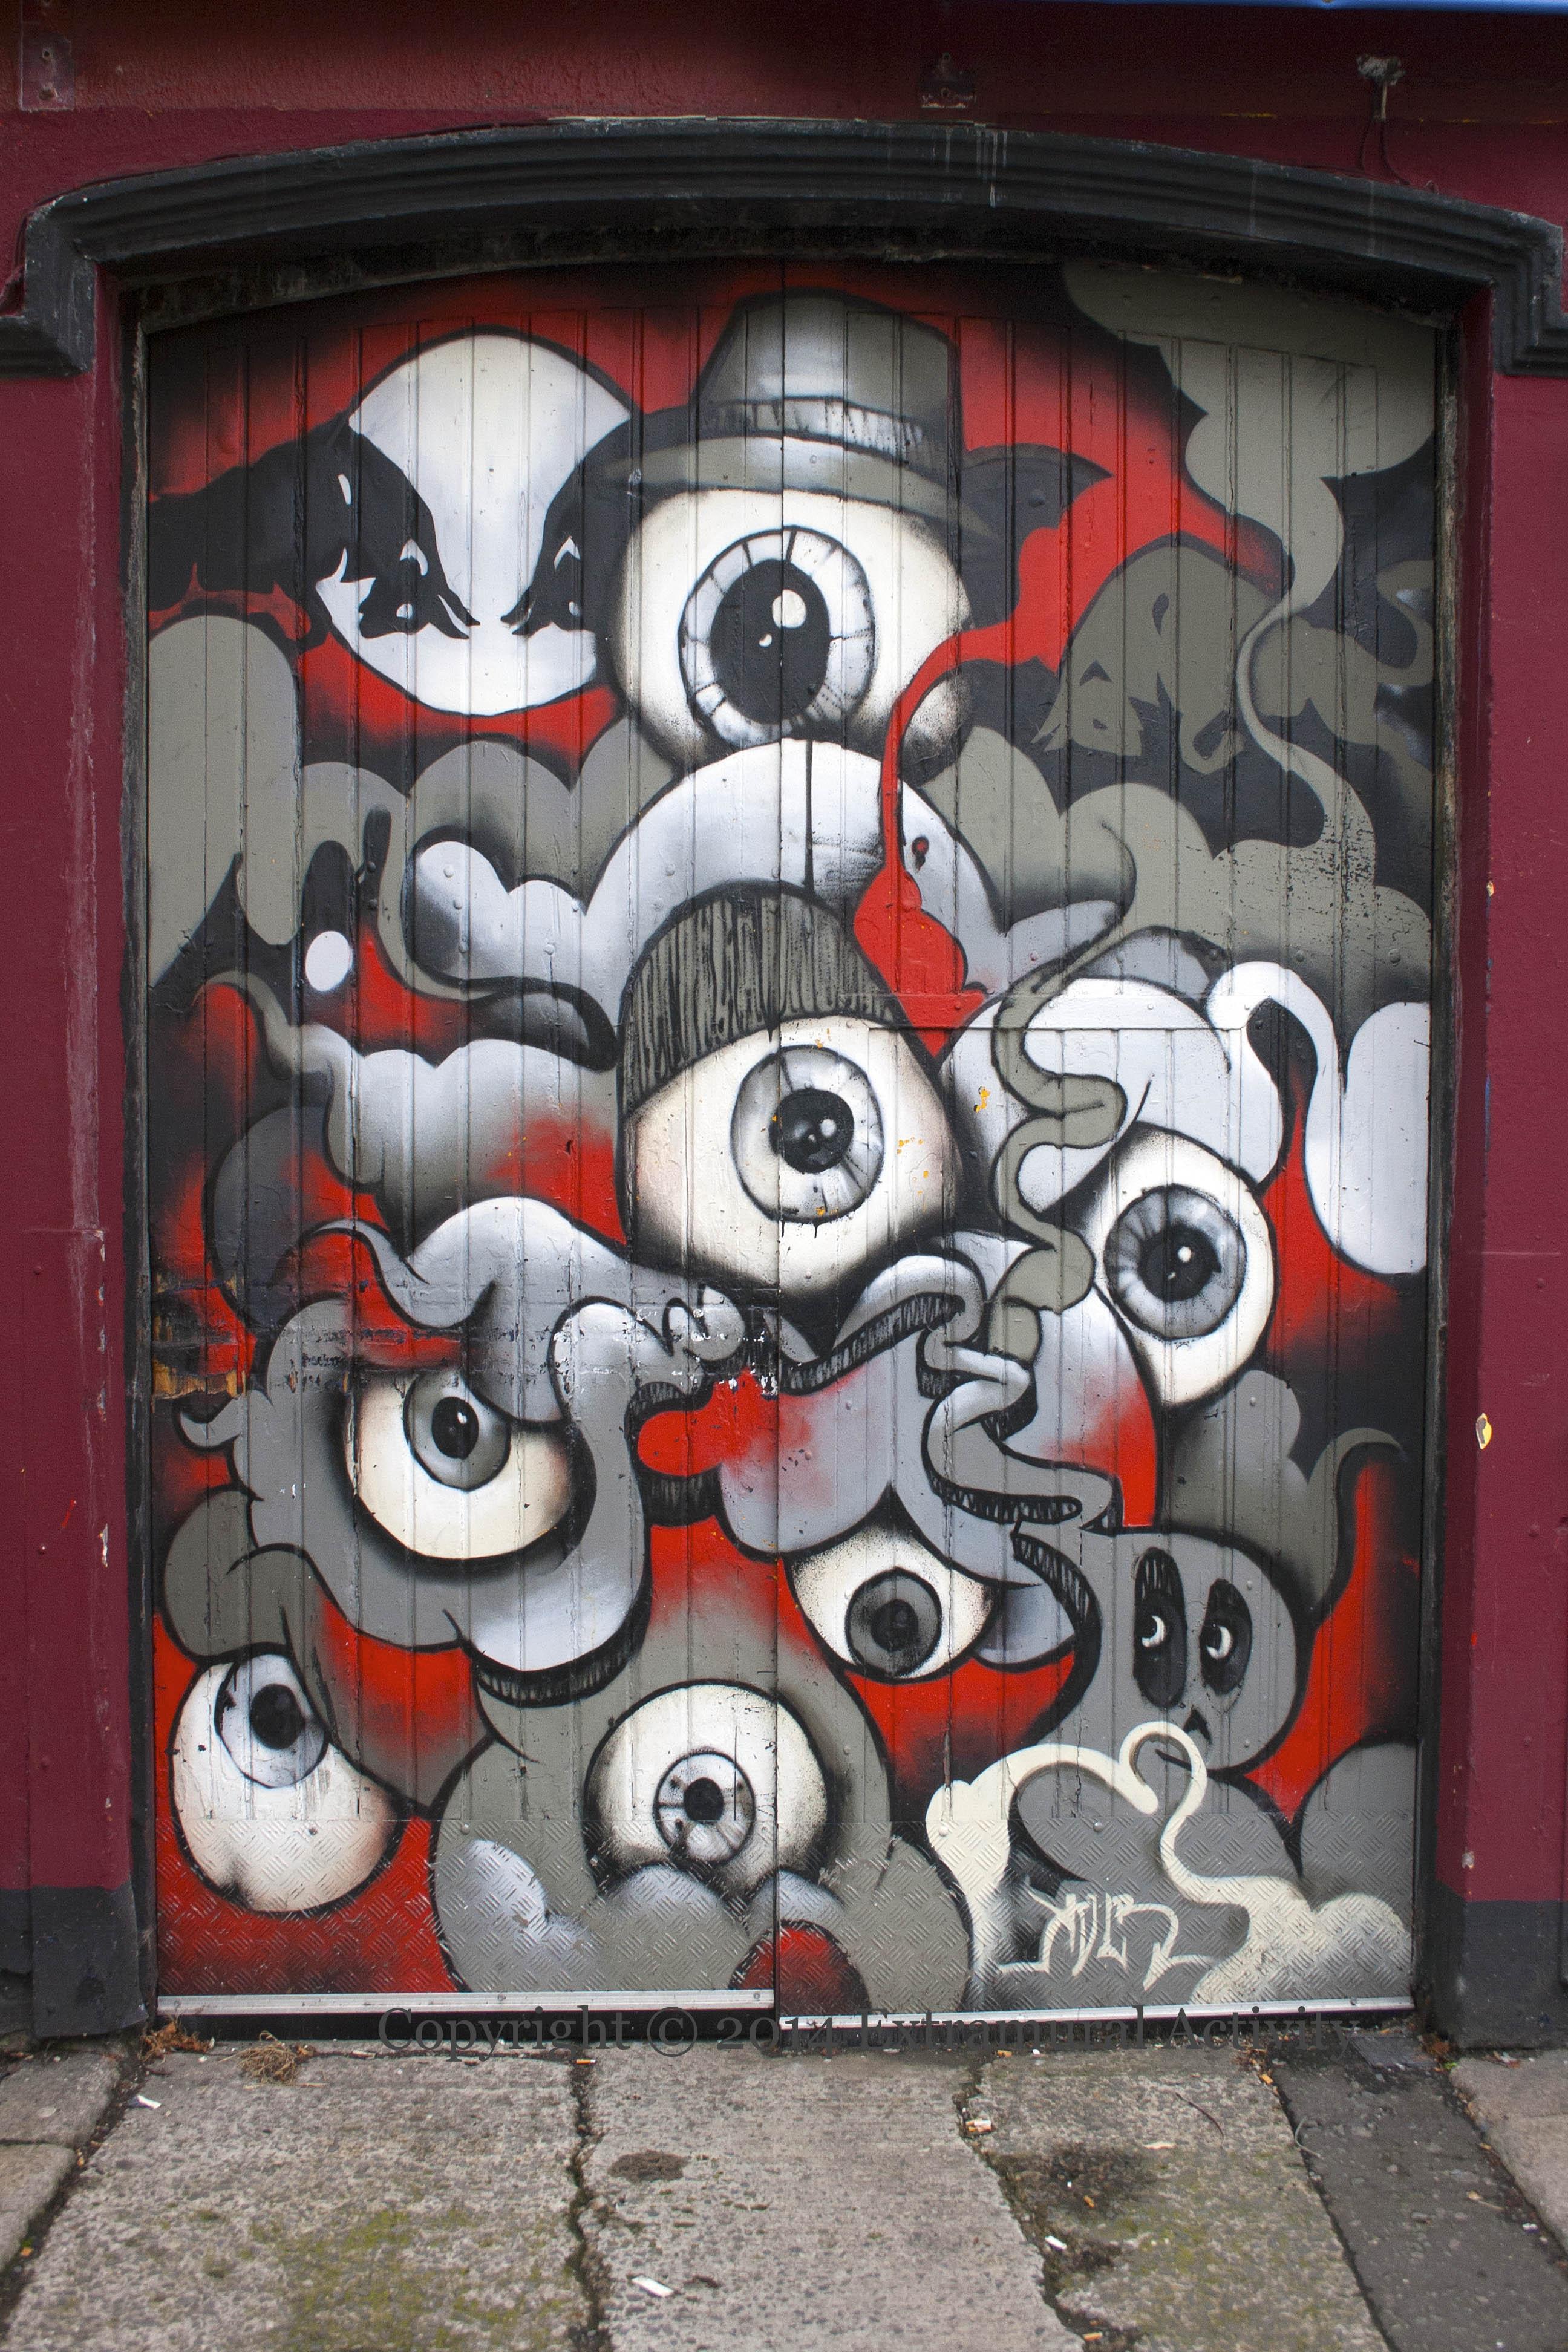 2014 08 14 eyeballs